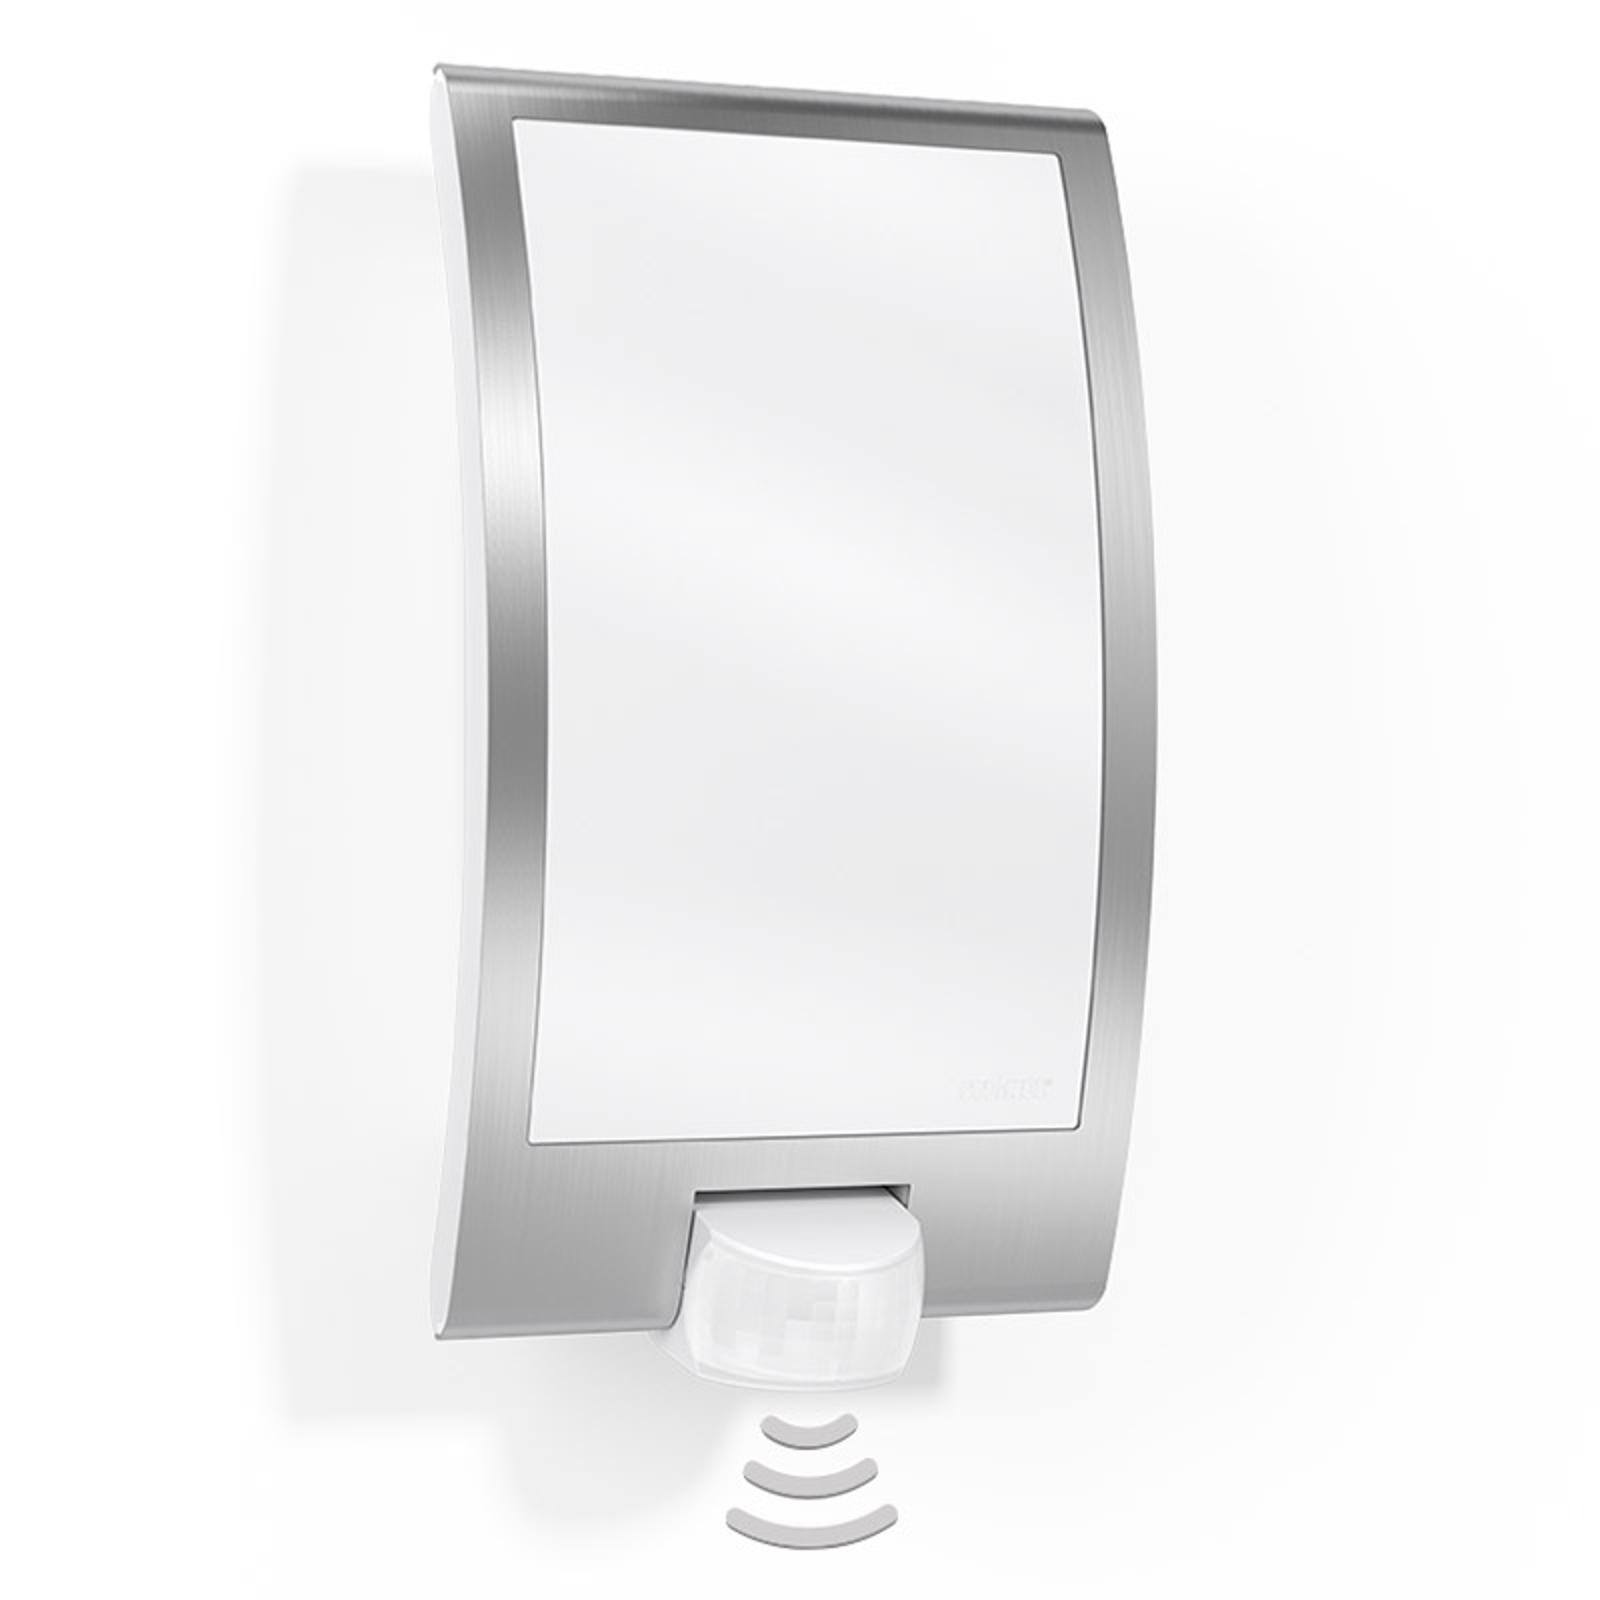 Vegglampe for utendørsbruk L22 med sensor